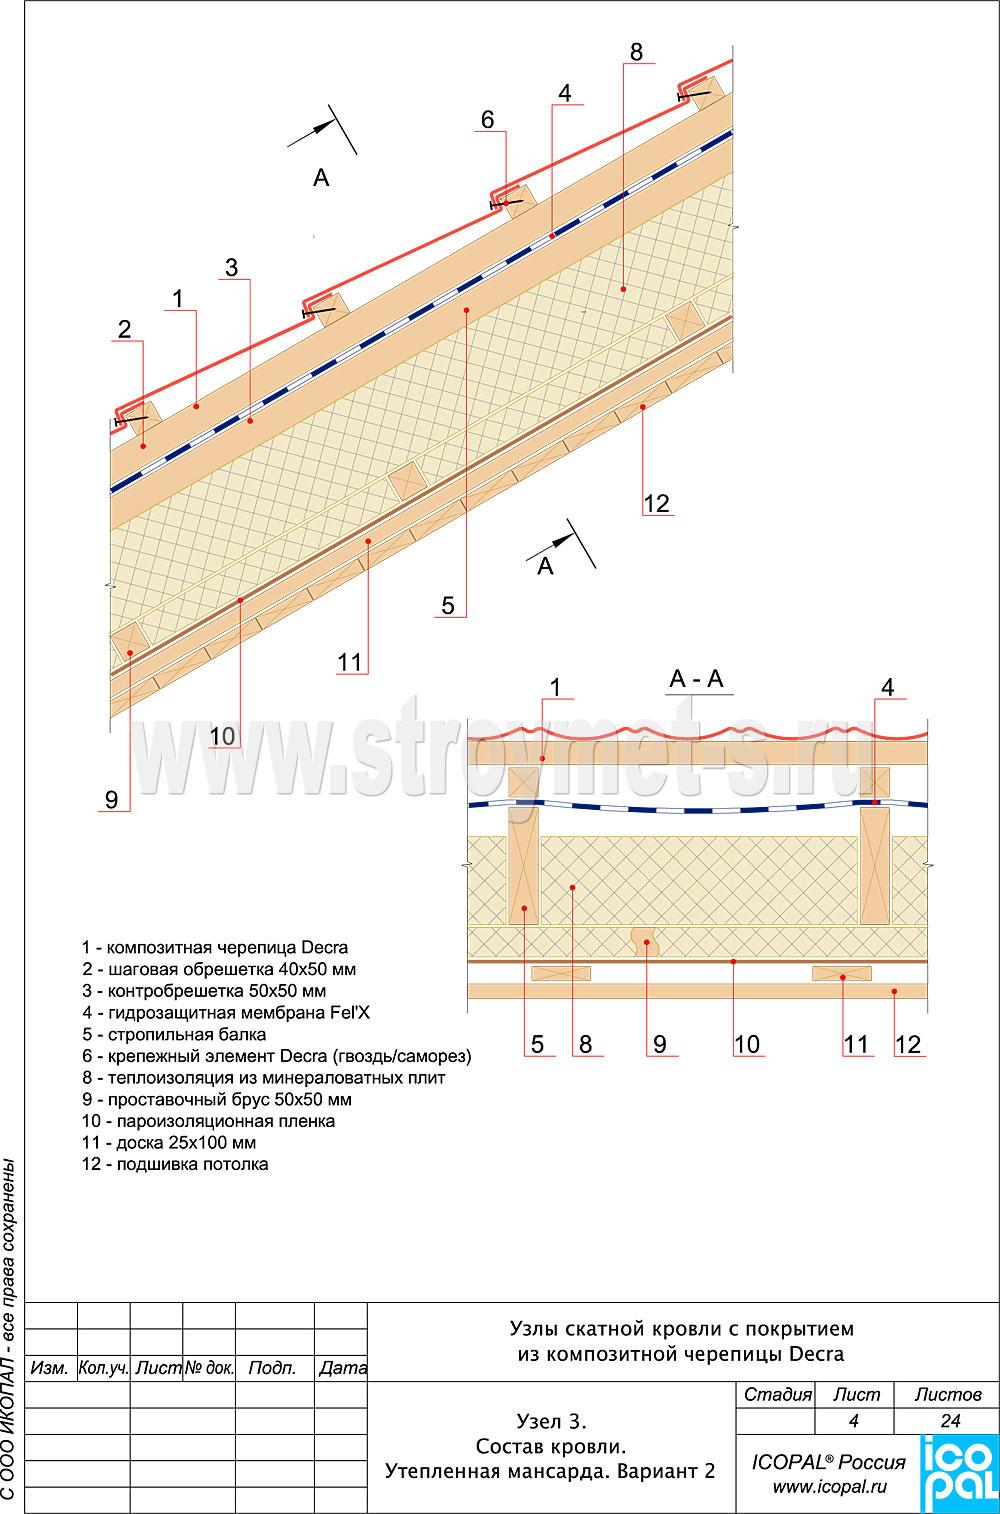 Безопасность охрана ремонта крыши и